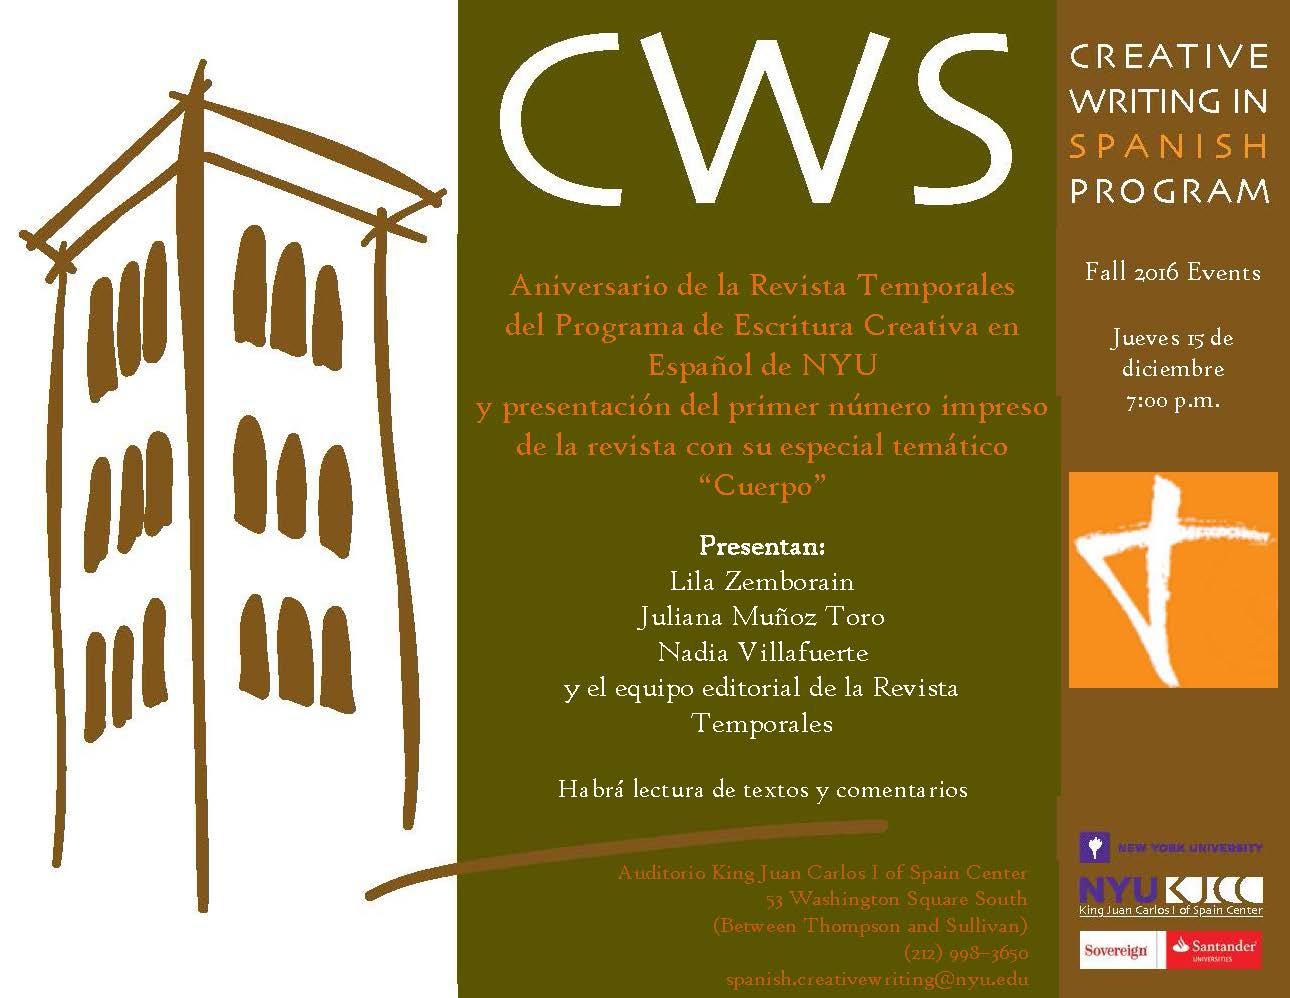 image from Thursday, December 15, 7:00 p.m. Aniversario de la Revista Temporales del Programa de Escritura Creativa en Español de NYU